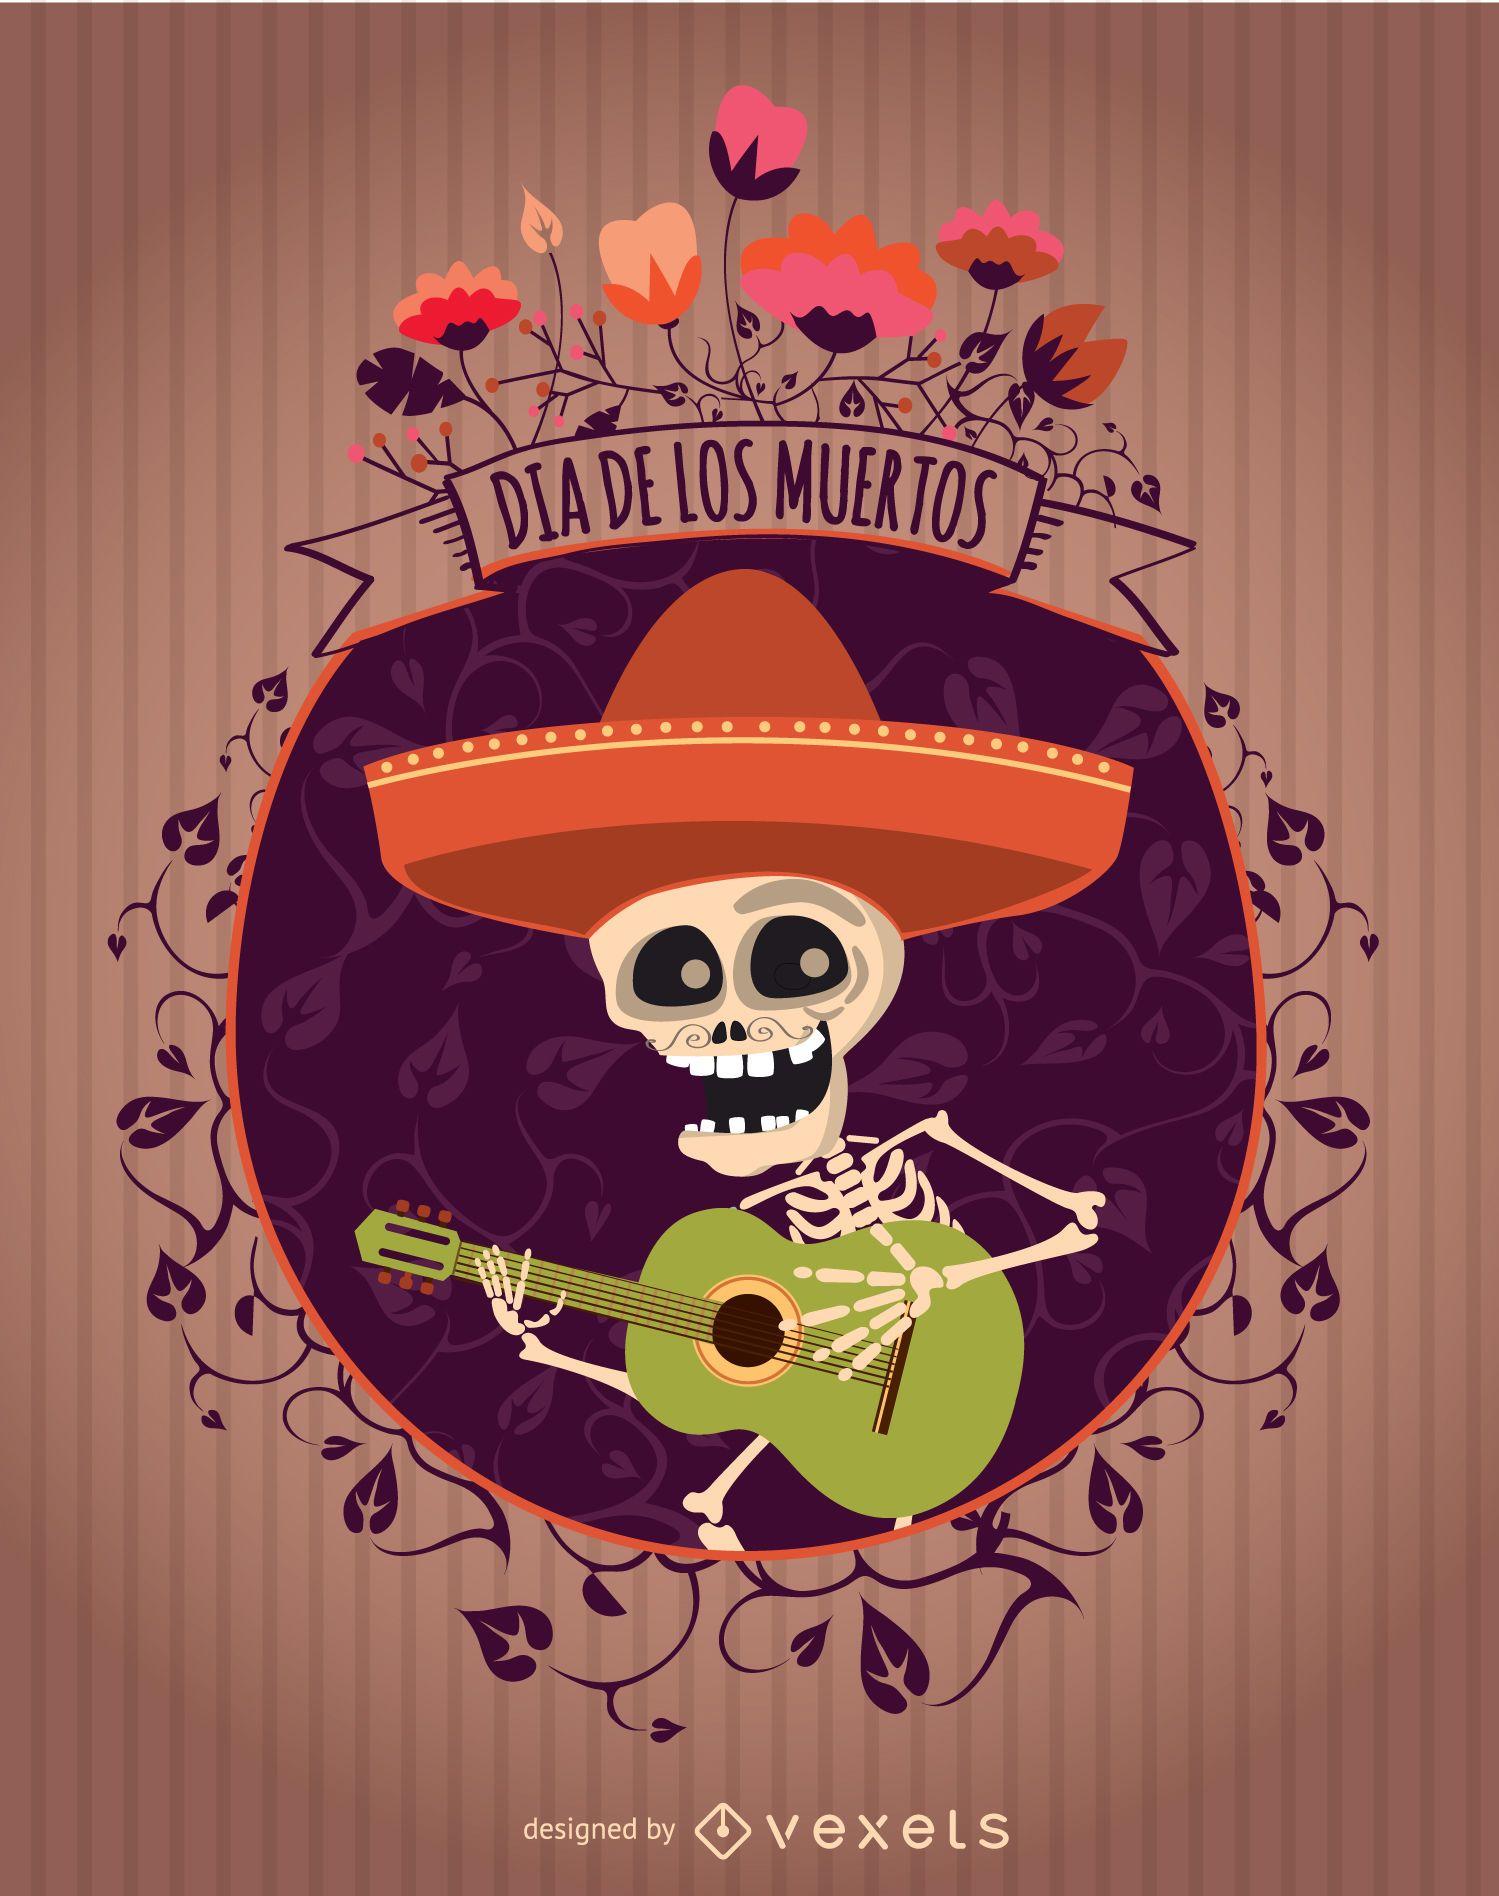 Mariachi mexicano del dia de los muertos